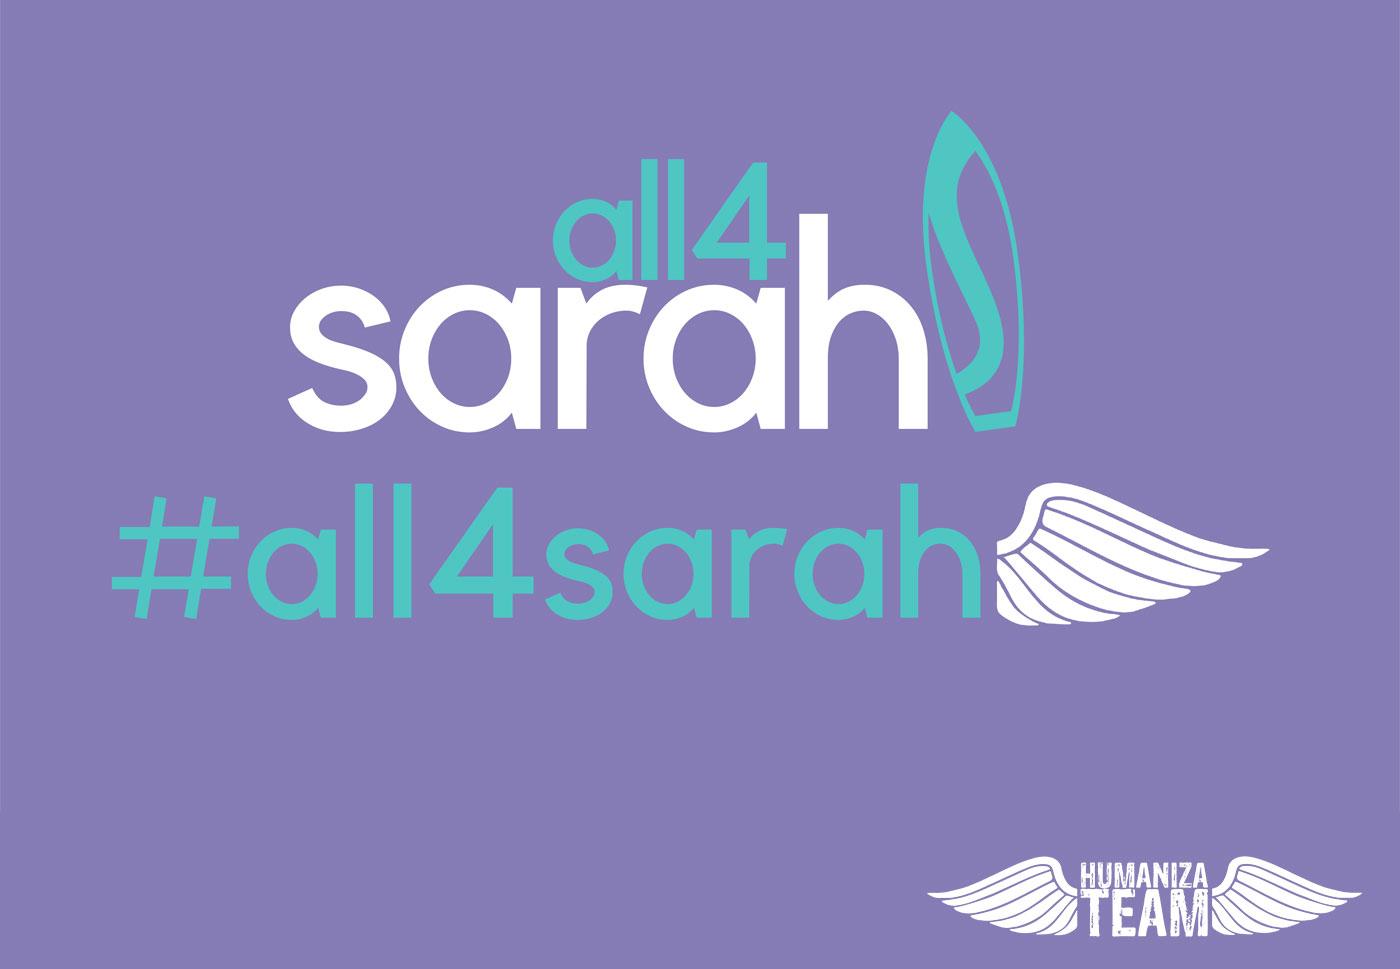 All4Sarah Proyecto Humaniza Team